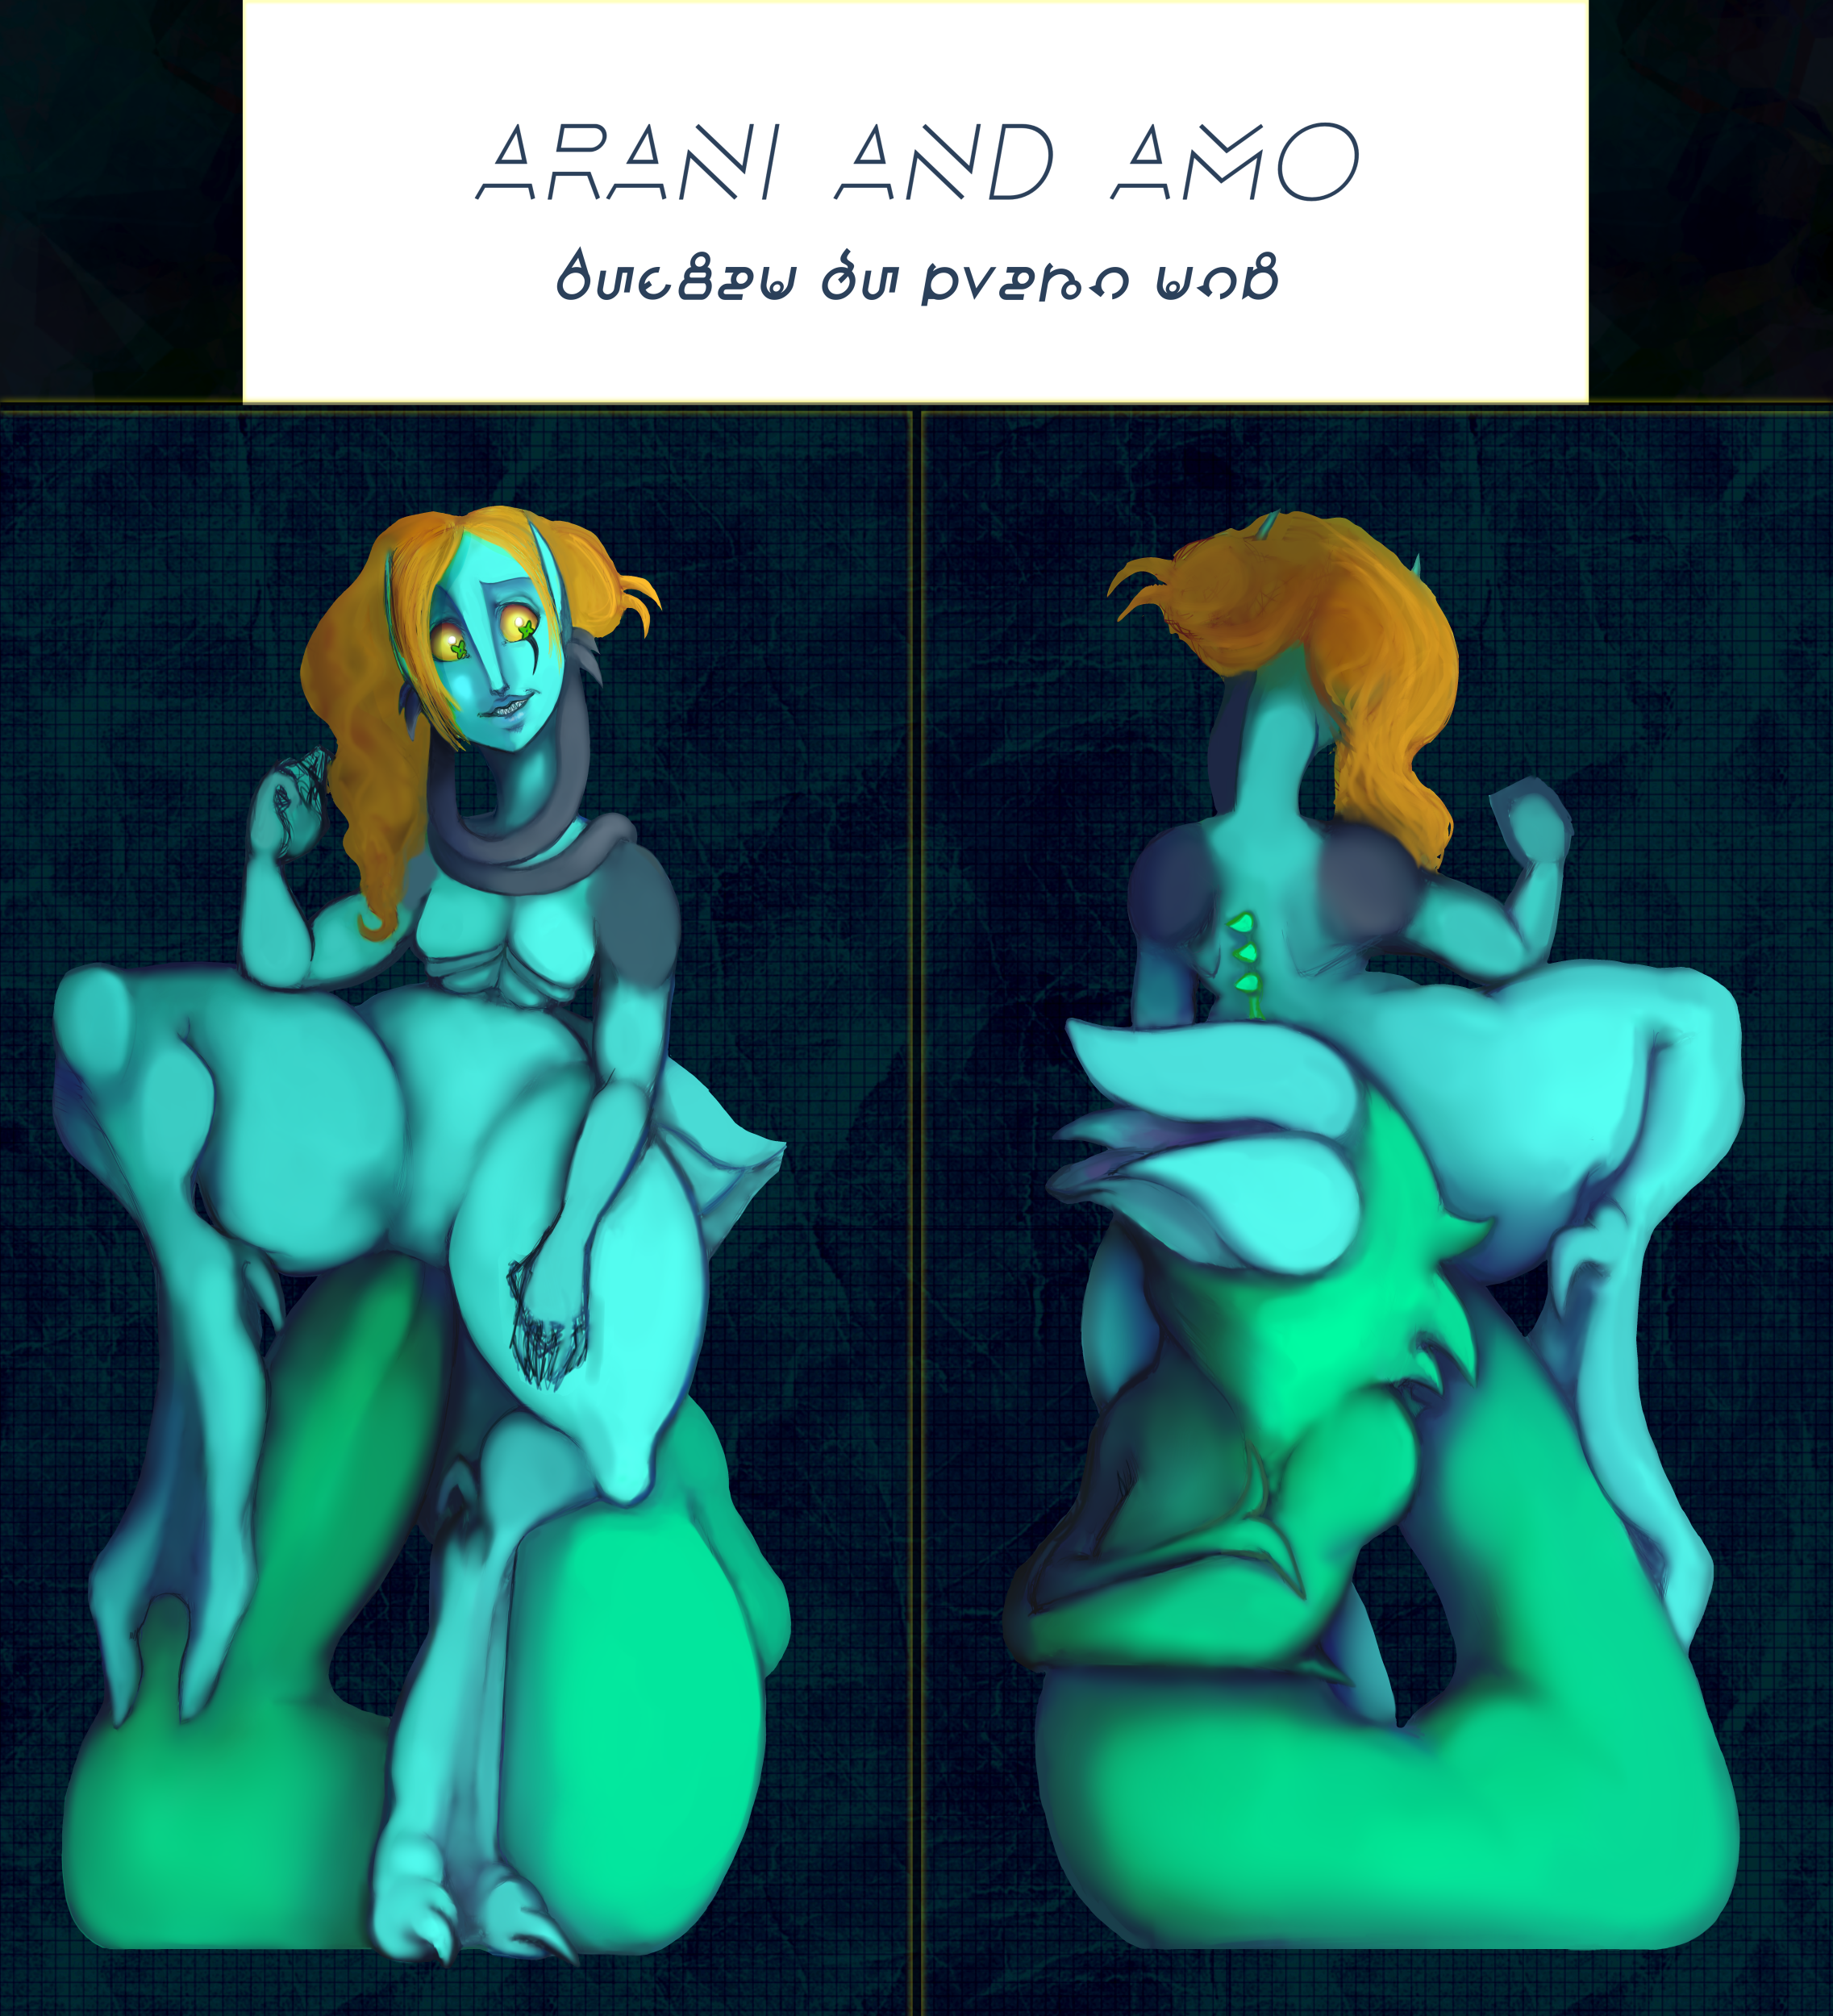 Dem alien freaks by Nefepants